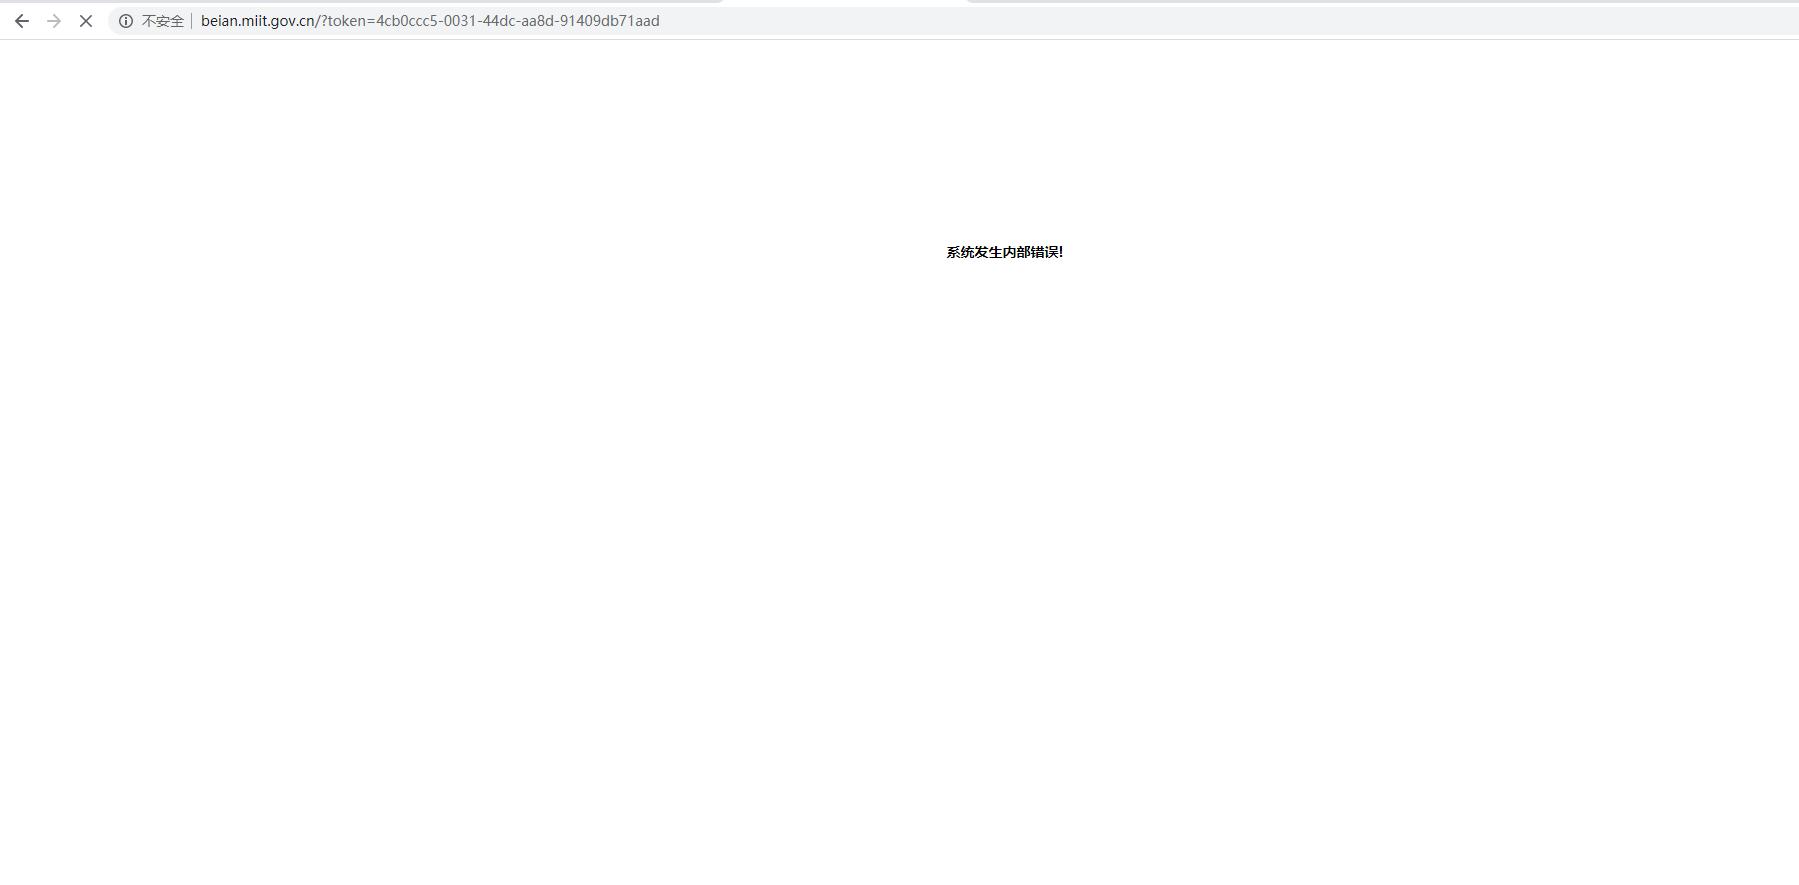 网站下面不加备案号要罚款哟